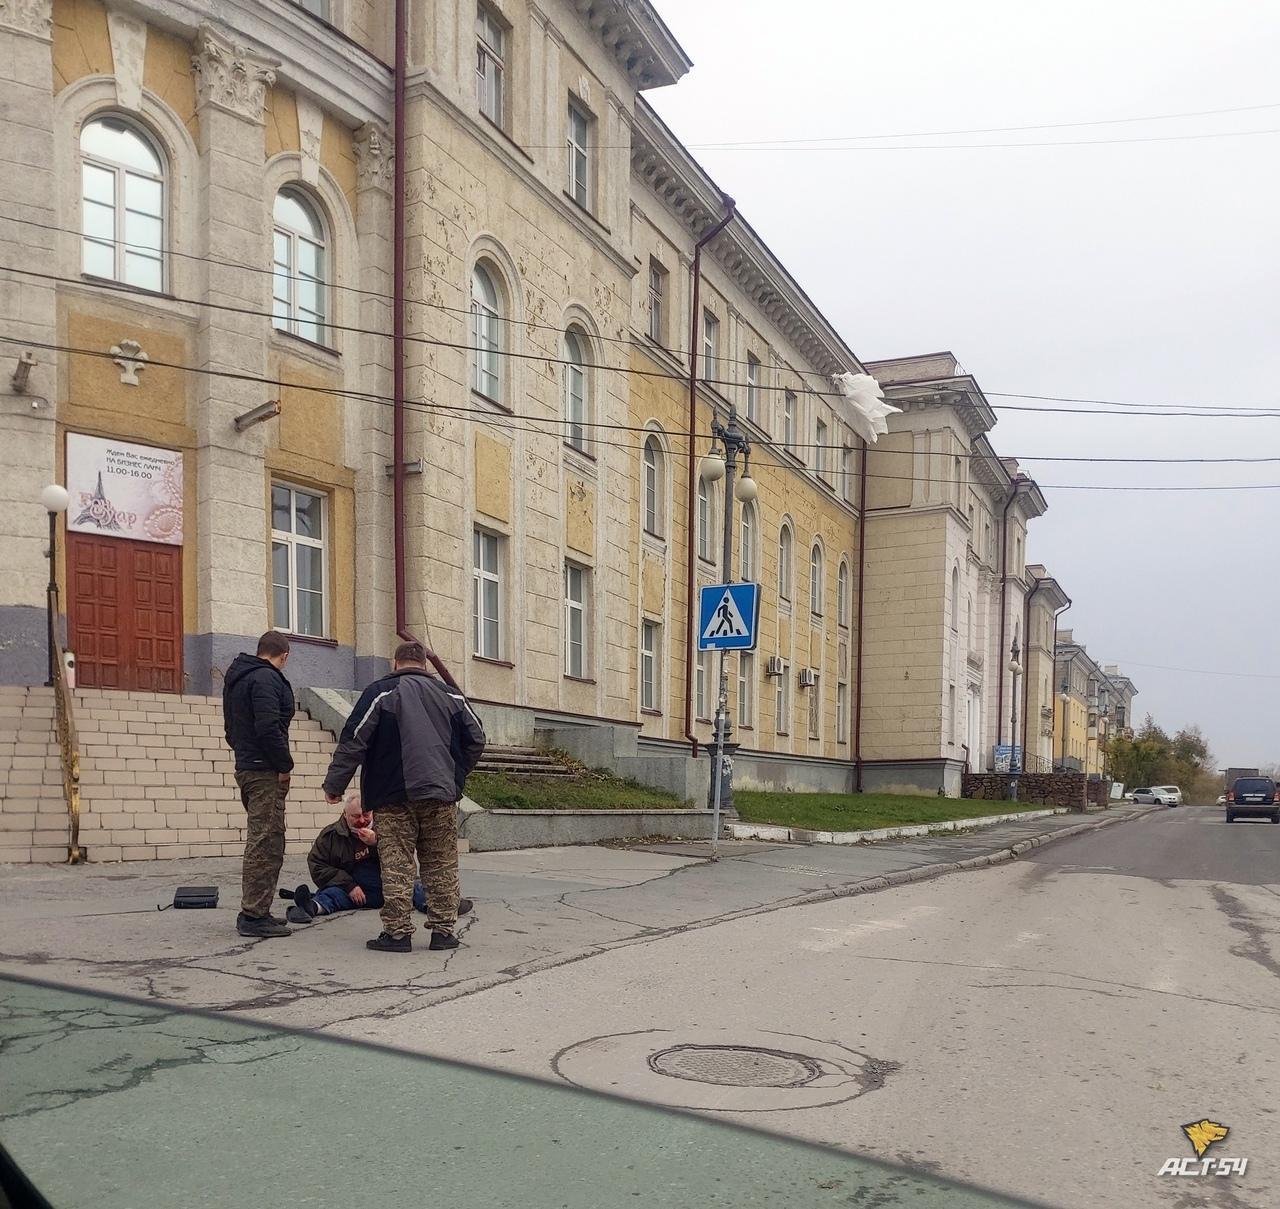 Фото В Новосибирске таксист выбросил пассажира и проехал ему по ногам 2